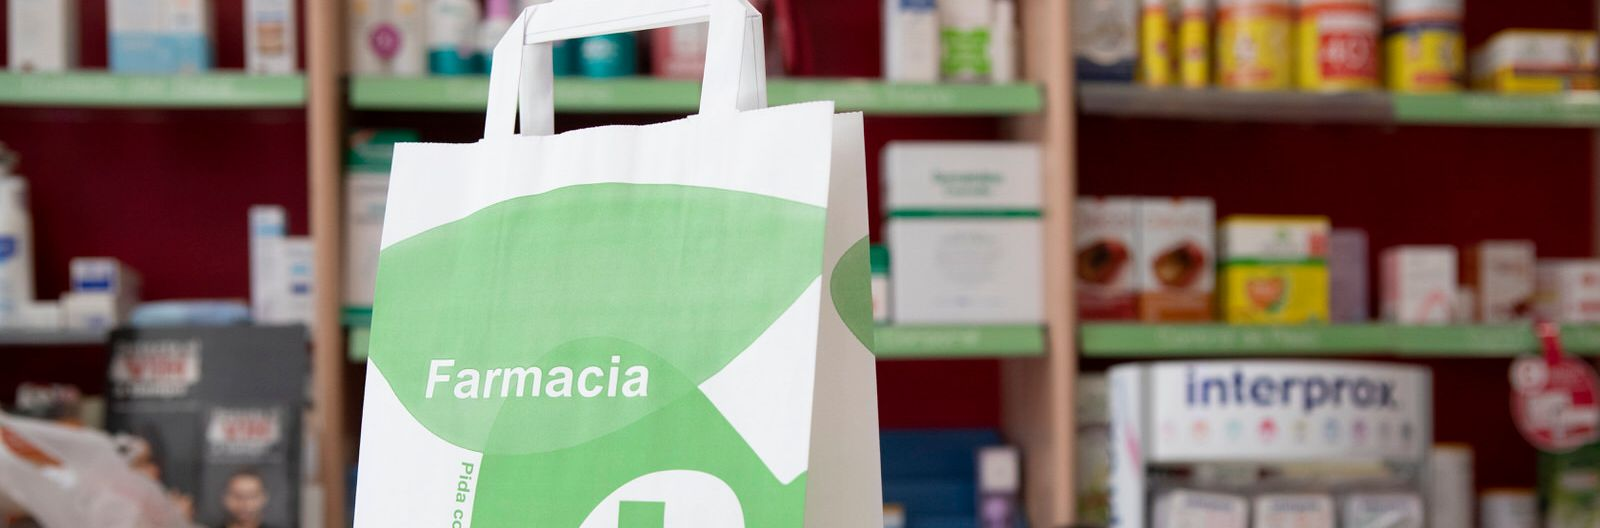 bolsas farmacia